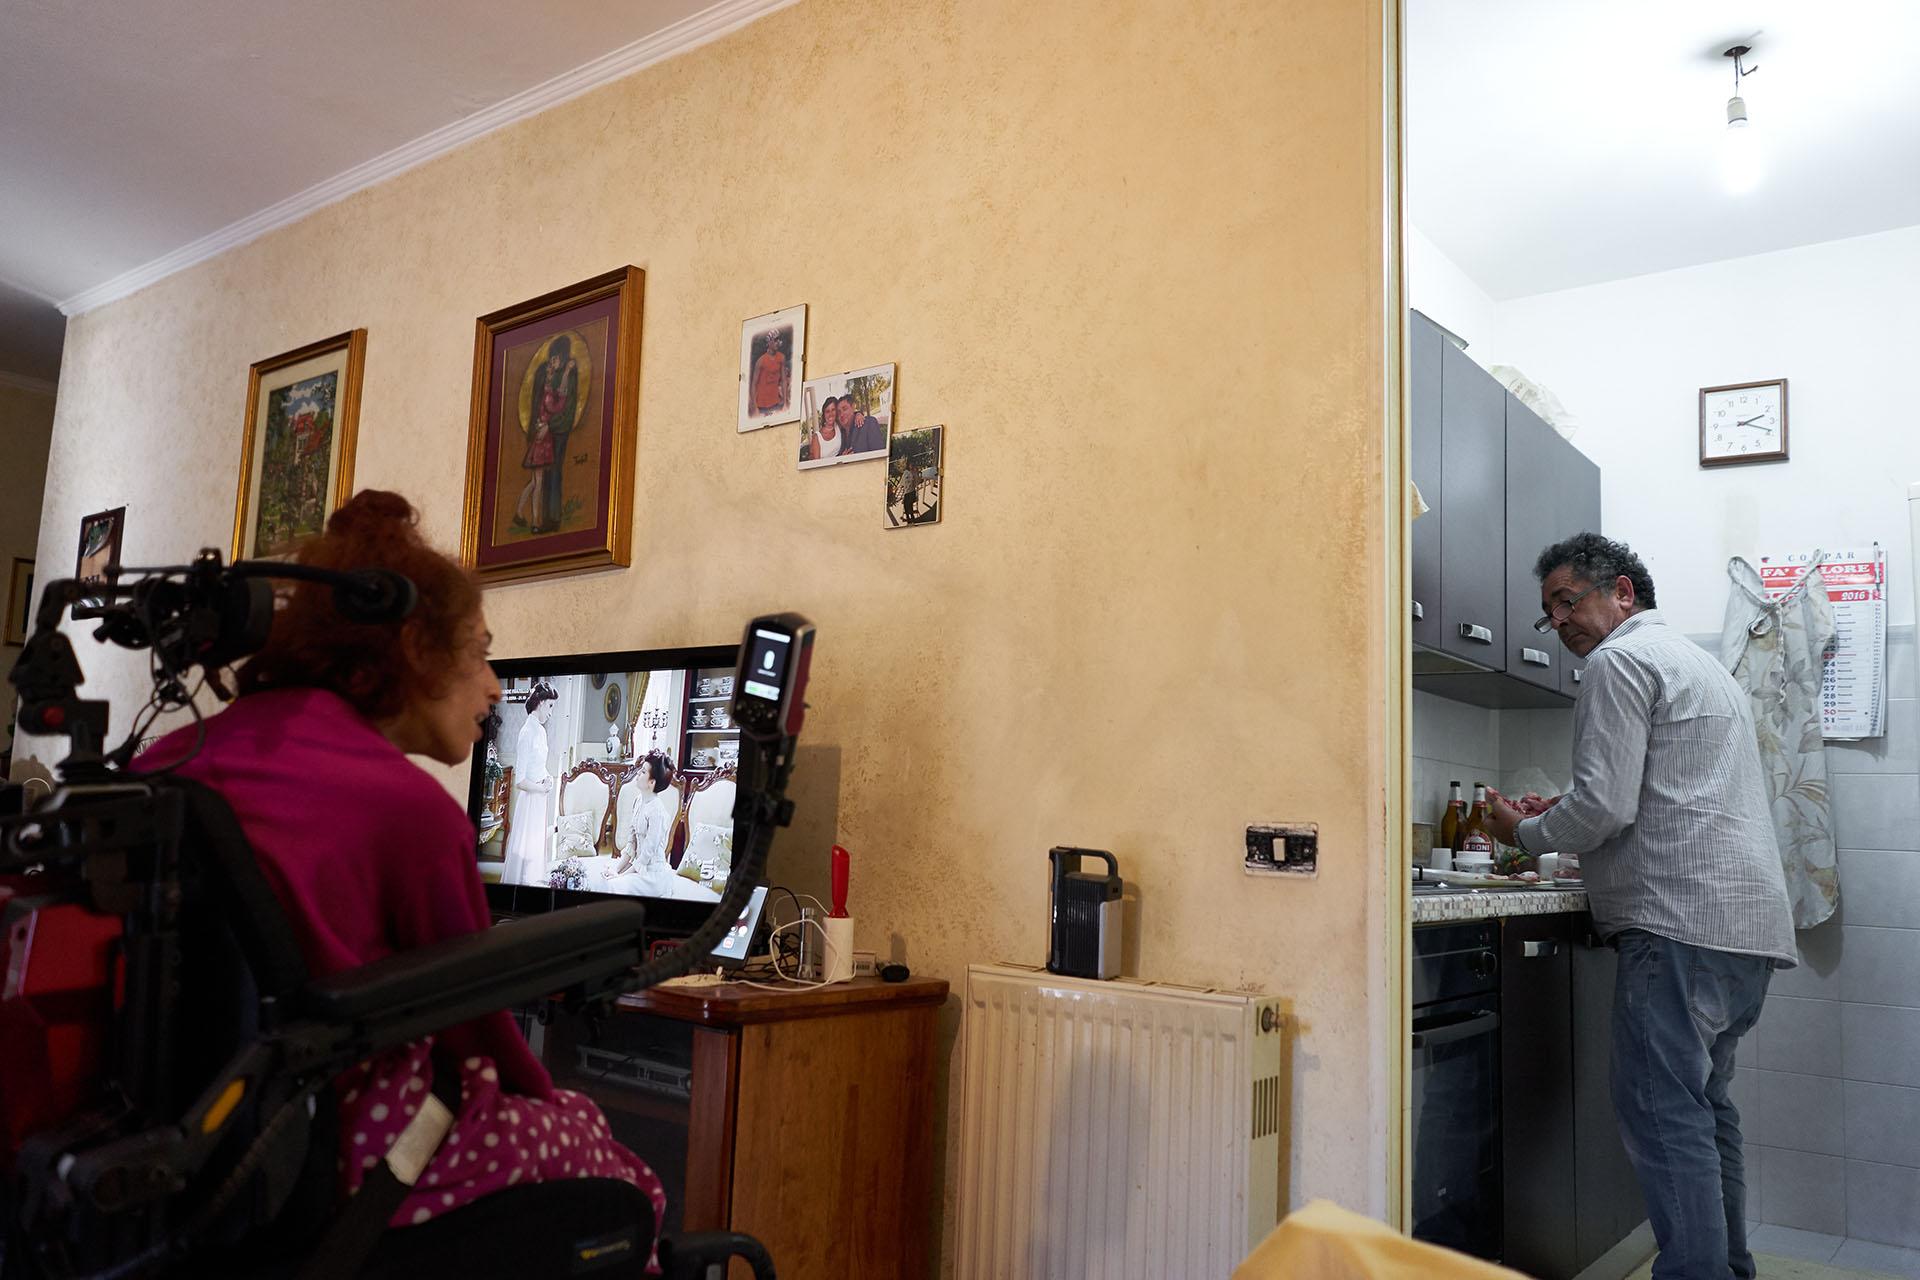 Letizia-Story-of-unseen-lives_ph_Danilo Garcia Di Meo_18